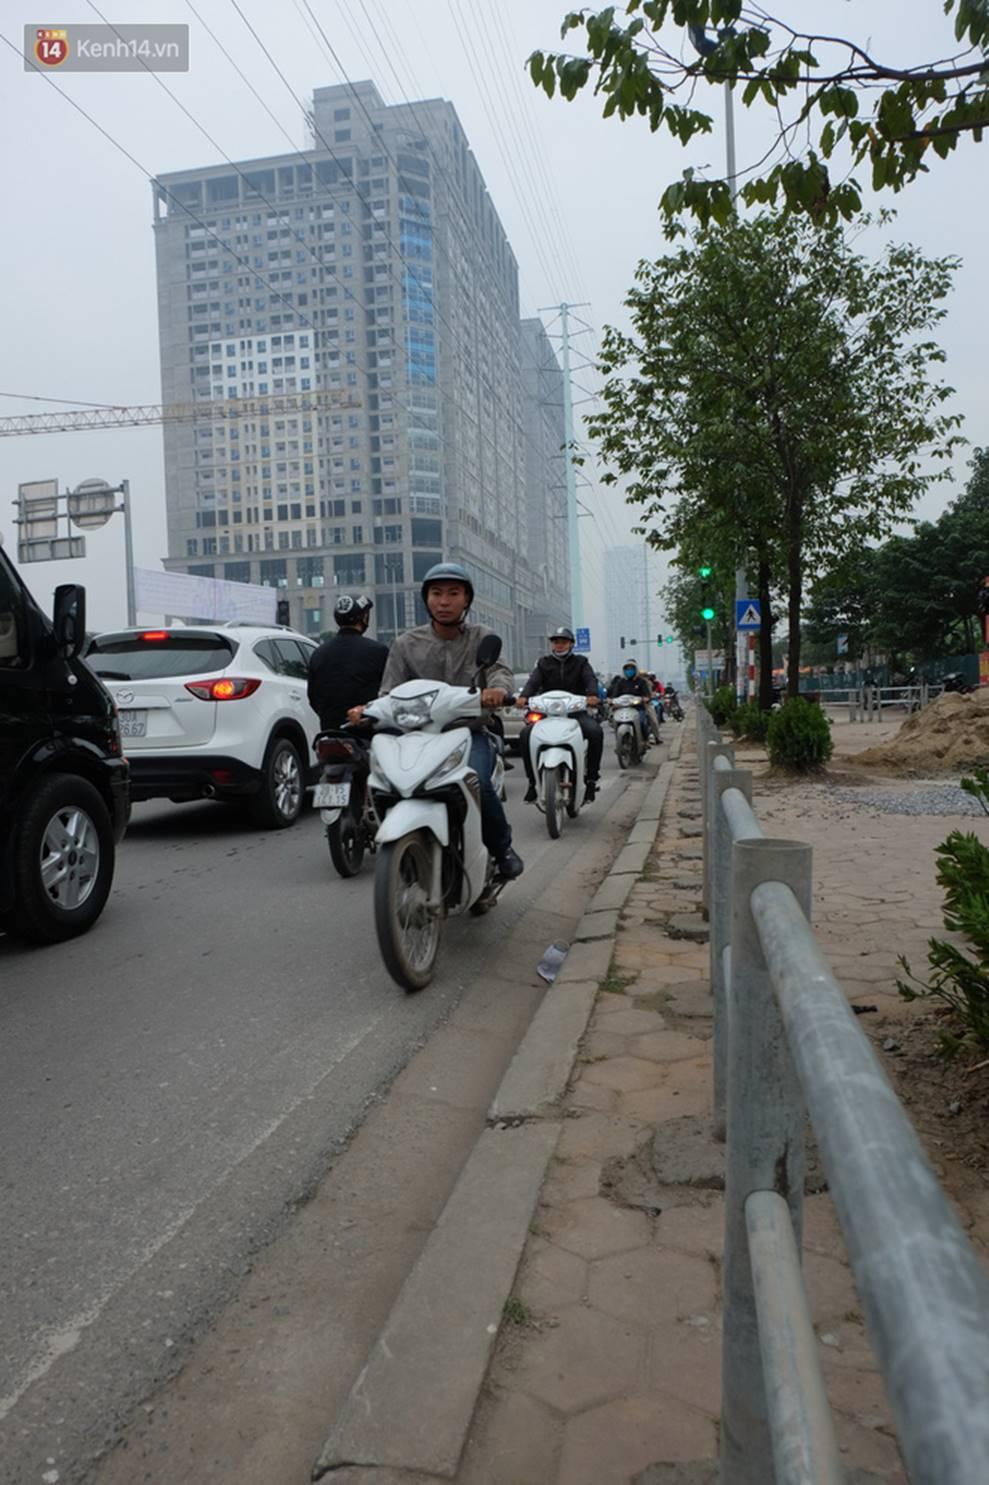 Dựng rào chắn ngăn dắt xe trên vỉa hè Tố Hữu: Bê tông chưa kịp cứng đã bị nhổ, nhiều người dân bất chấp đi ngược chiều dưới lòng đường-6